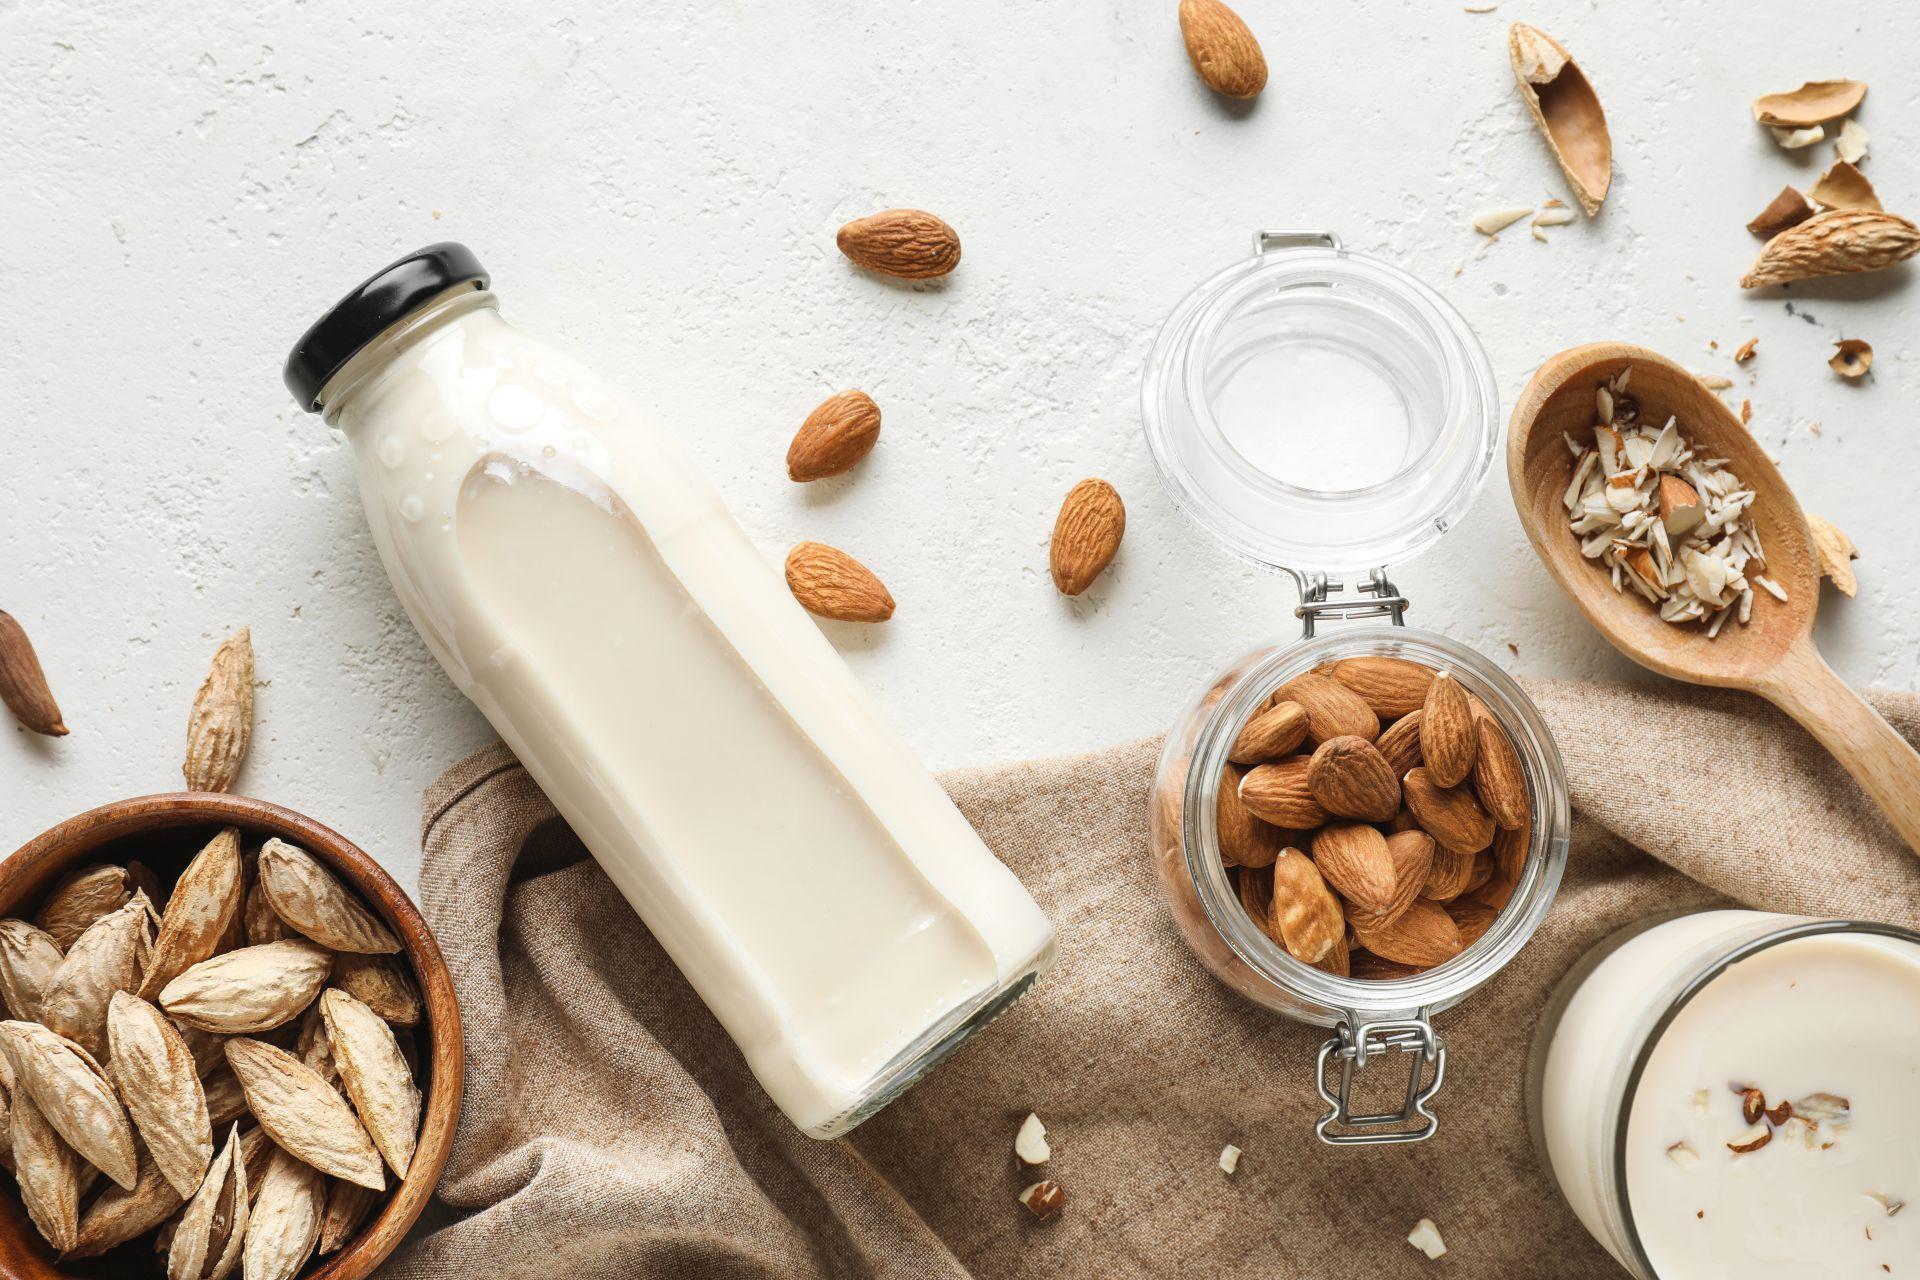 Produkty bez laktozy, roślinne źródła wapnia, zdrowe tłuszcze i dieta eliminacyjna mogą łagodzić objawy nietolerancji laktozy lub uczulenia na nabiał